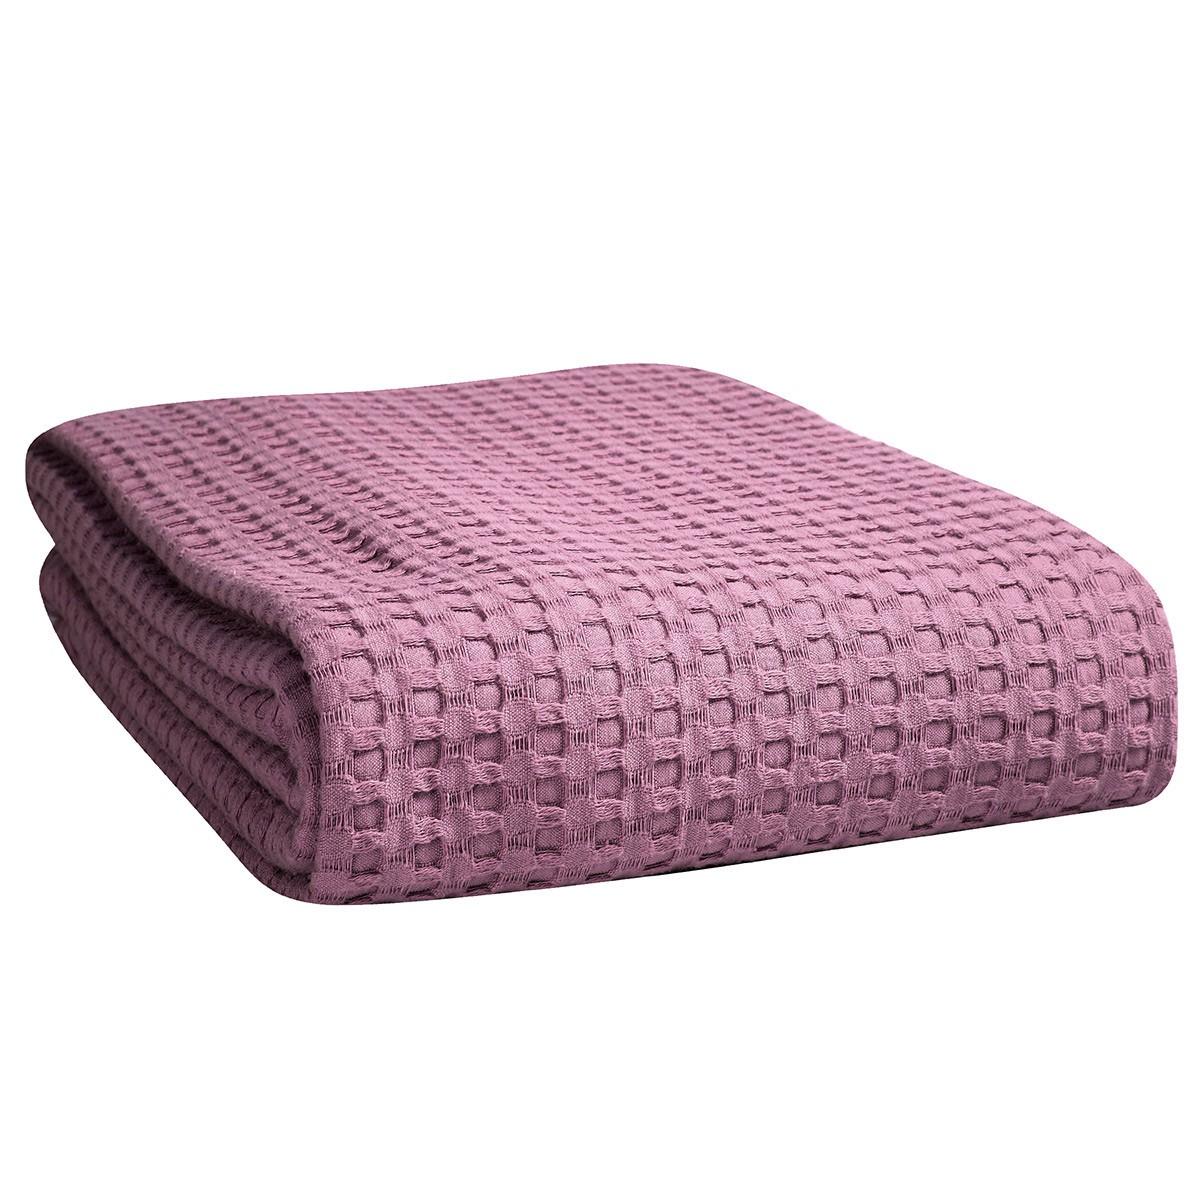 Κουβέρτα Πικέ Υπέρδιπλη Nef-Nef Golf Violet home   κρεβατοκάμαρα   κουβέρτες   κουβέρτες πικέ υπέρδιπλες